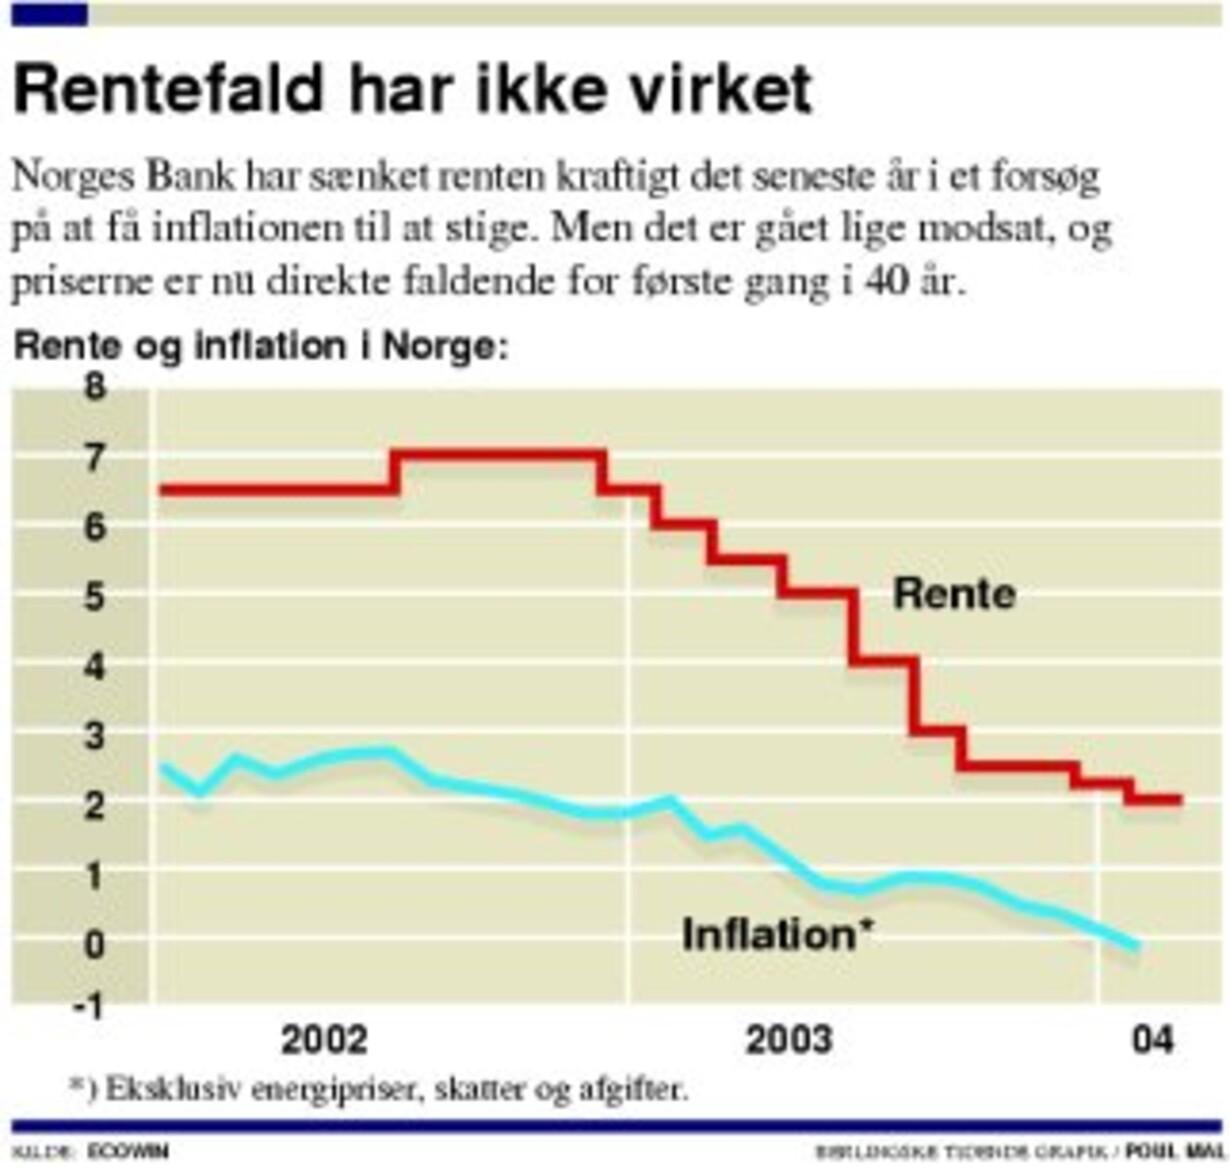 Prisfald øger pres på norsk rente - 1